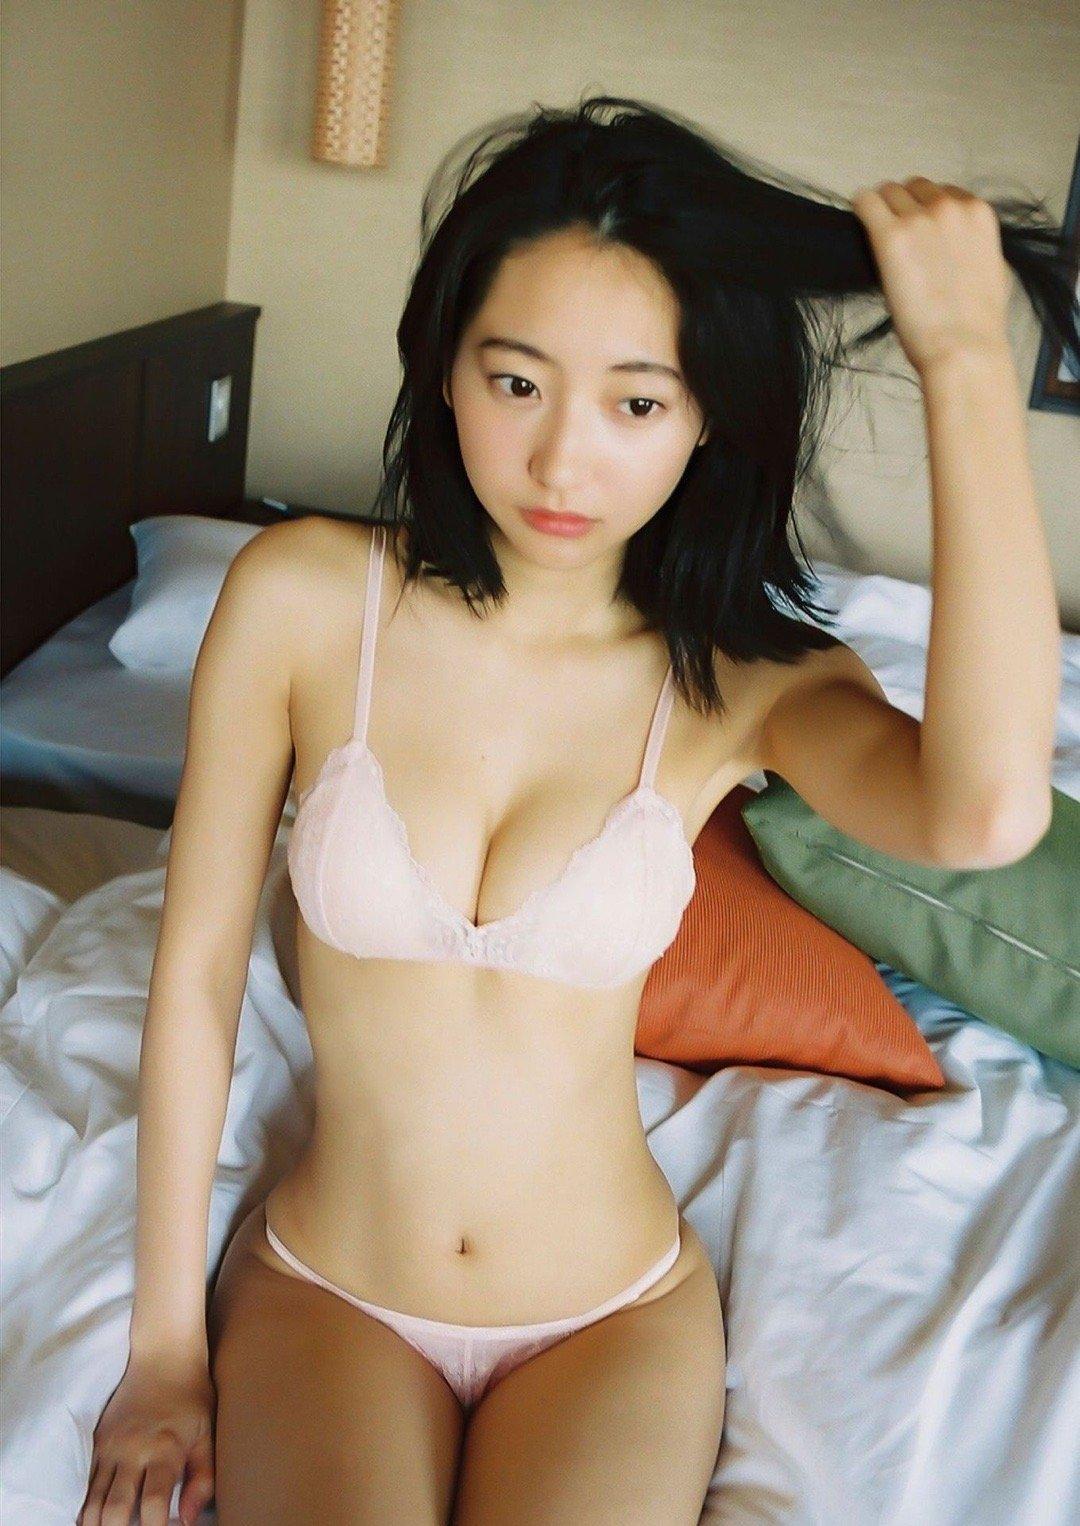 [妹子图]武田玲奈 